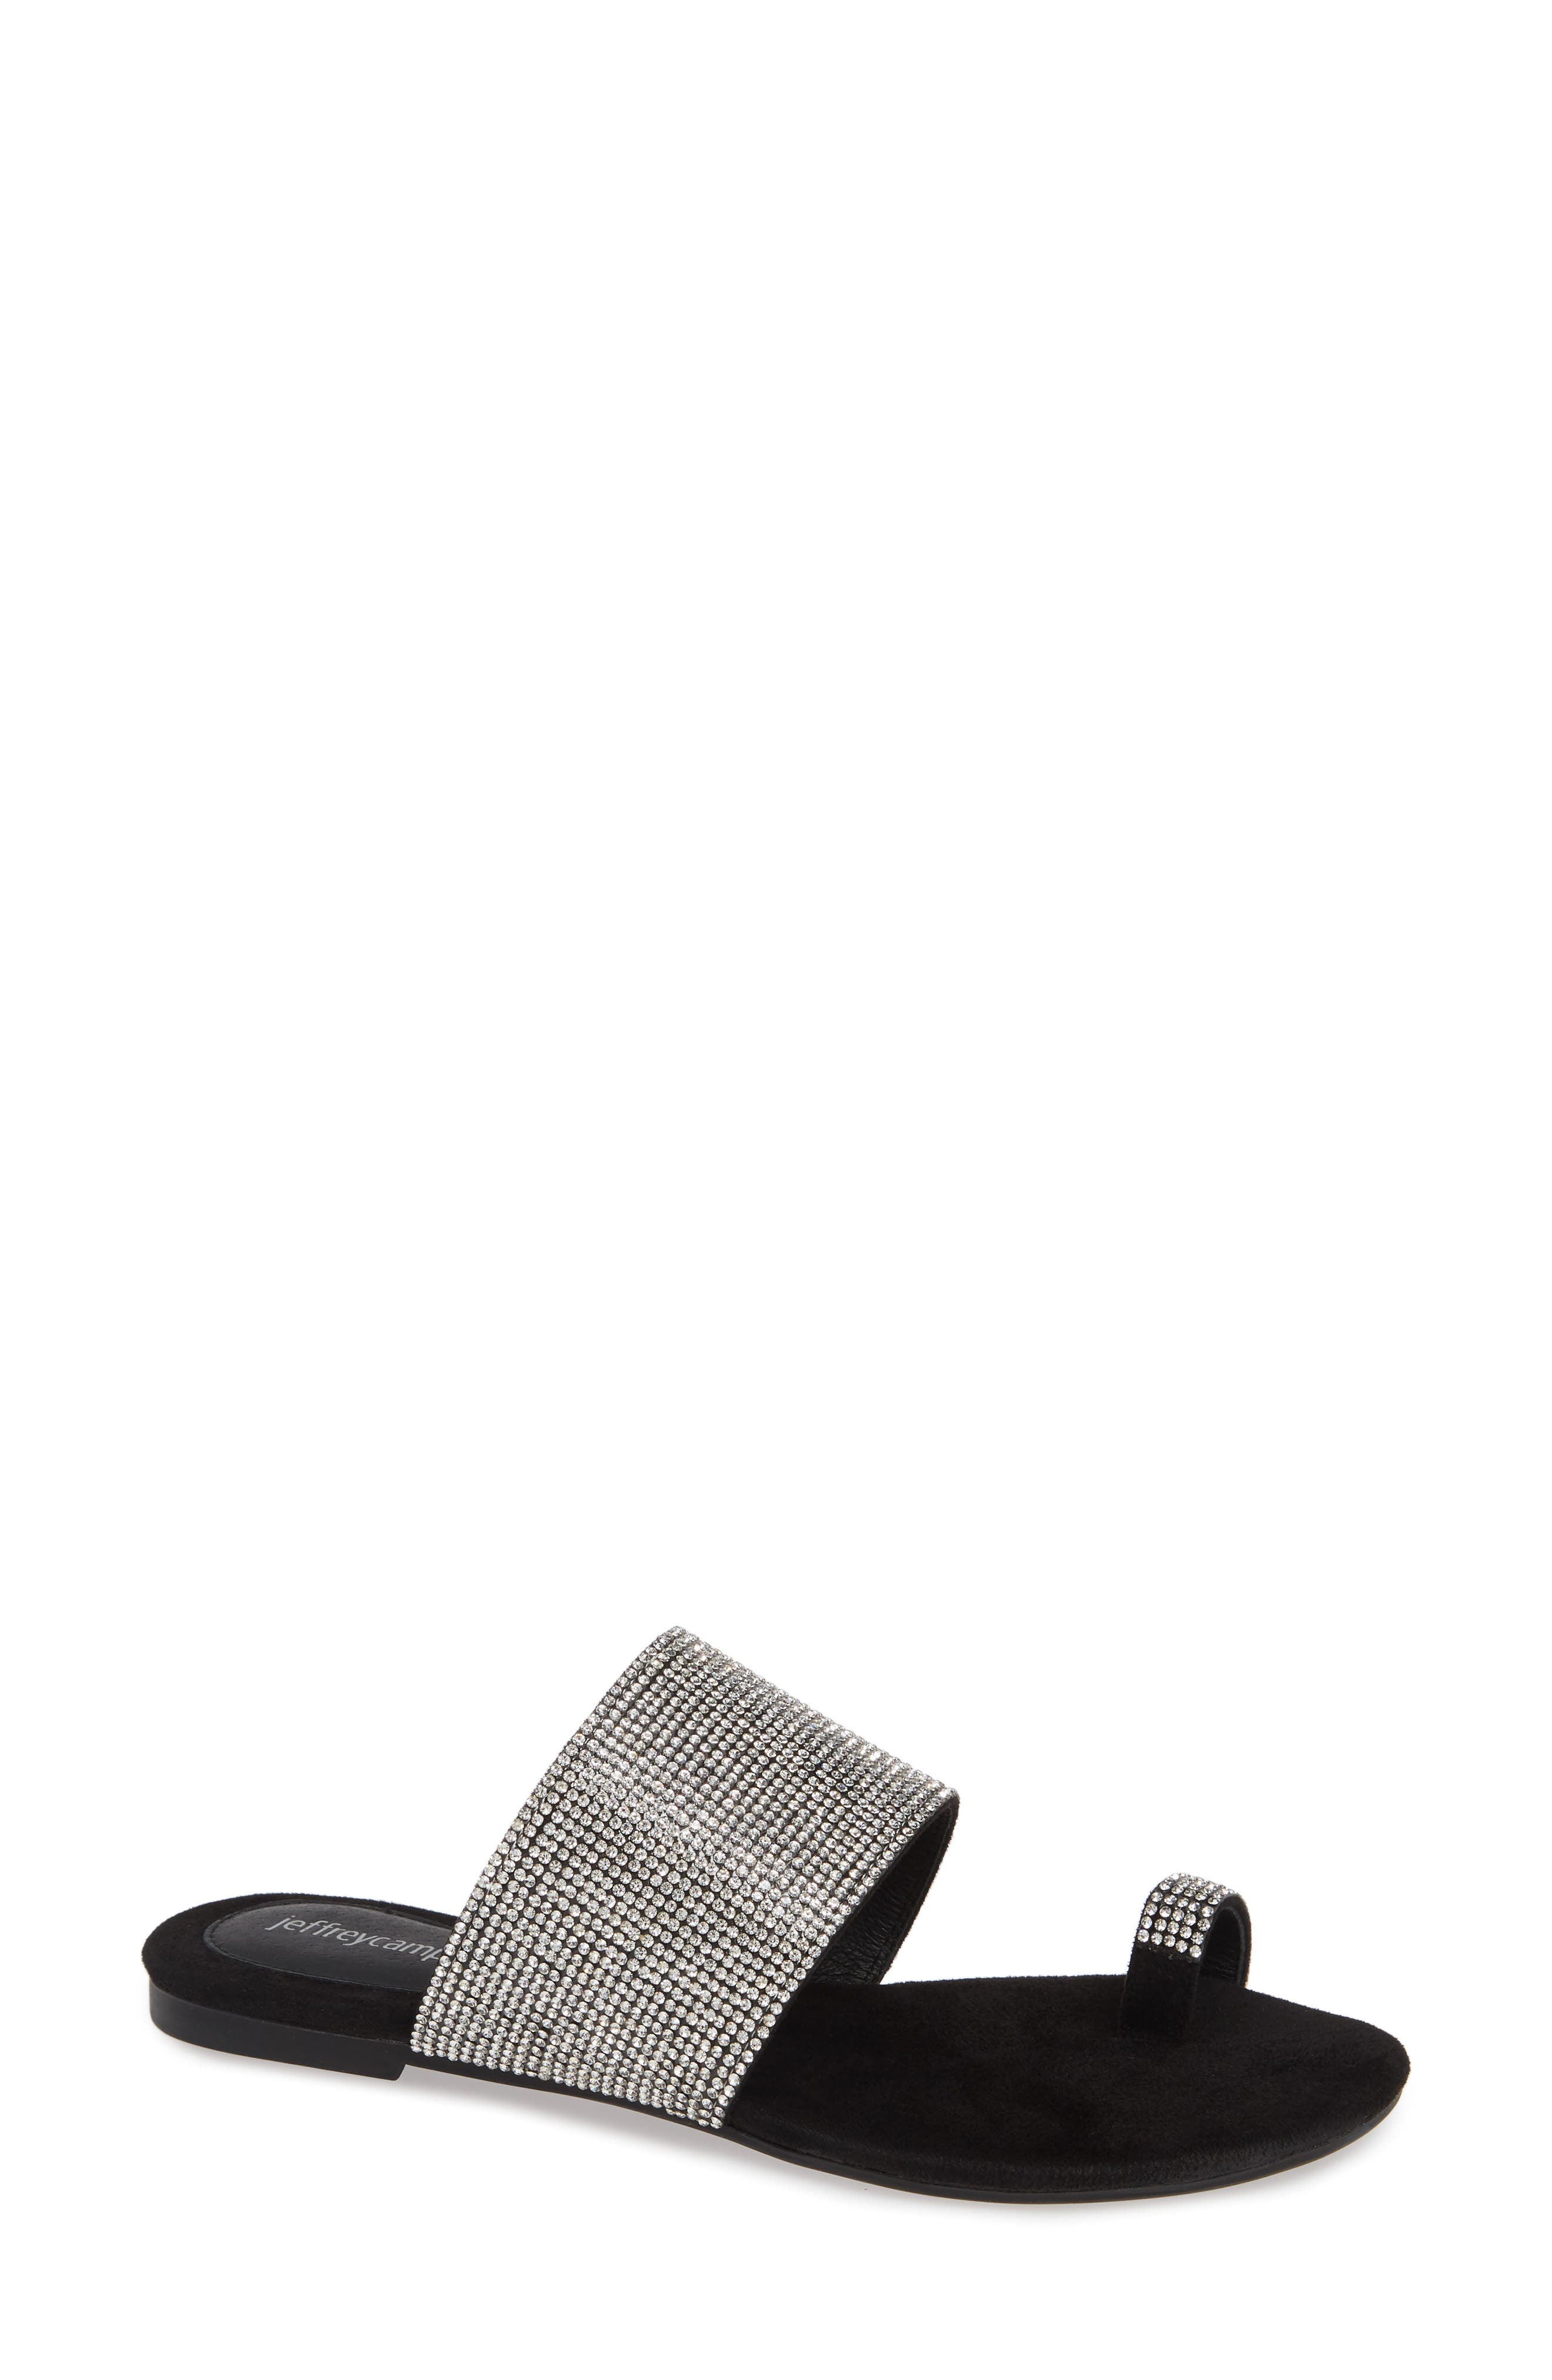 JEFFREY CAMPBELL Jemma Slide Sandal, Main, color, BLACK/ SILVER LEATHER